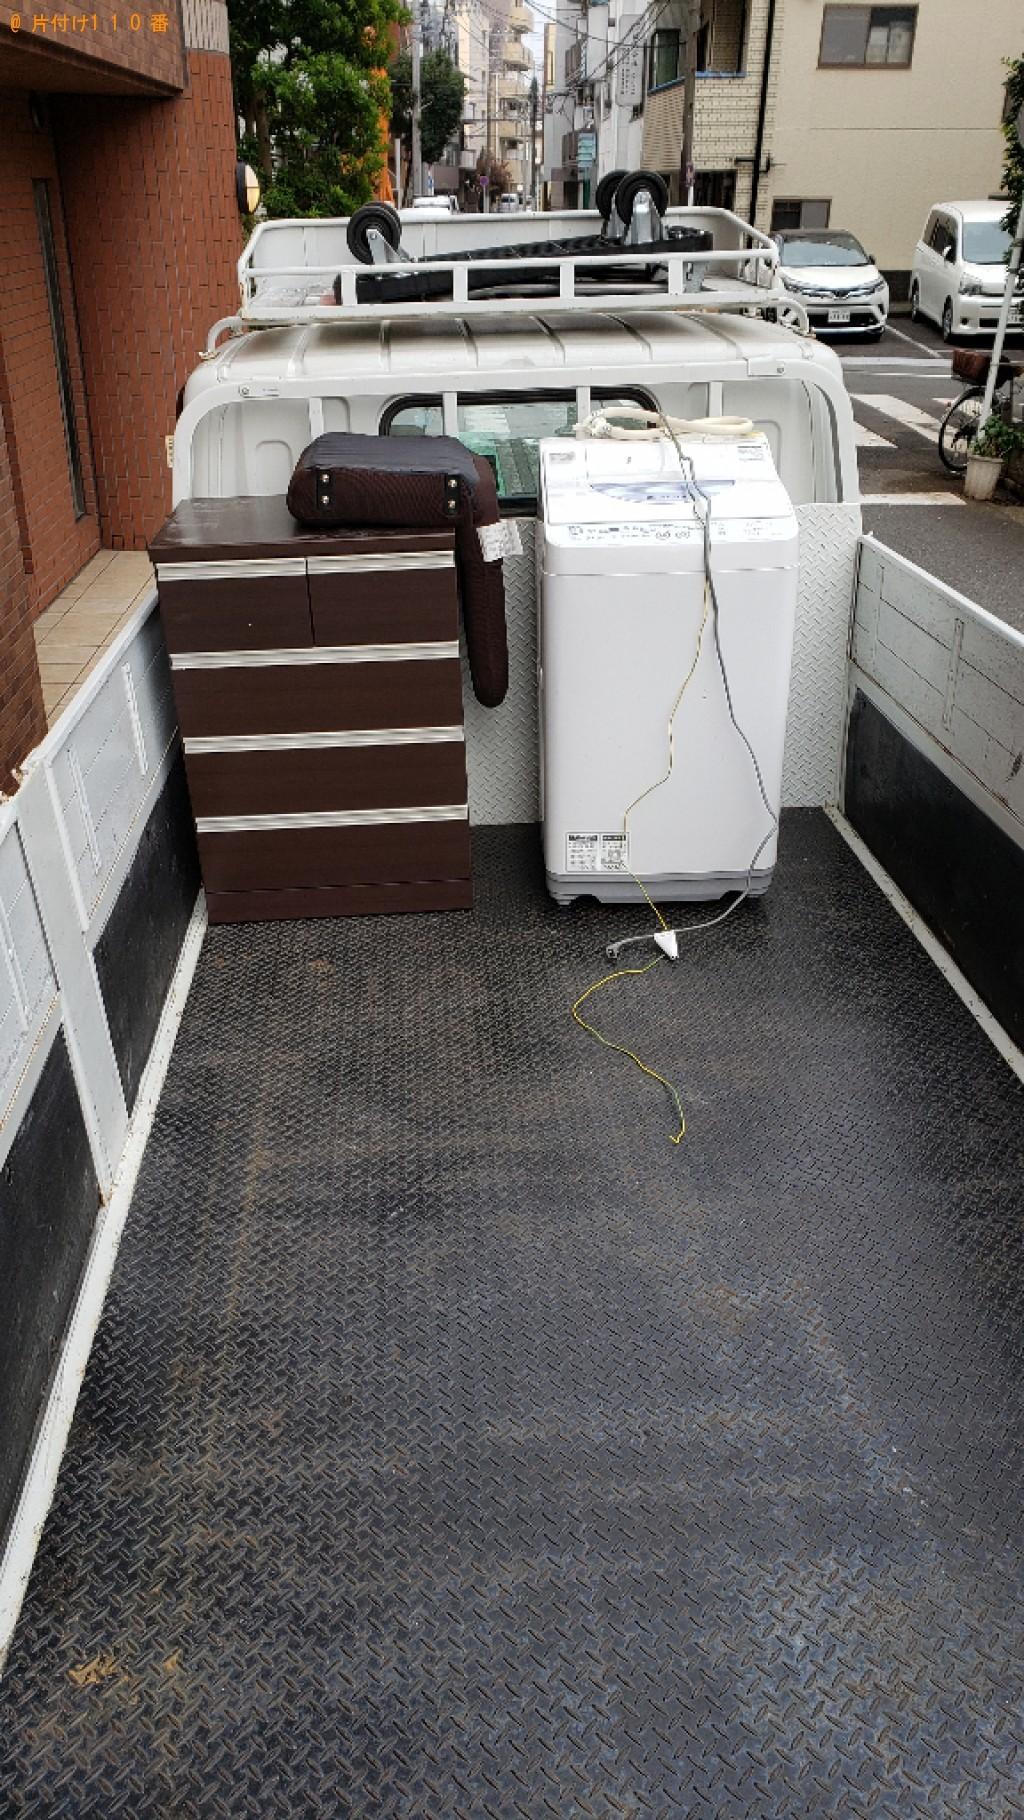 【横浜市西区】洗濯機、タンス、椅子の回収・処分ご依頼 お客様の声